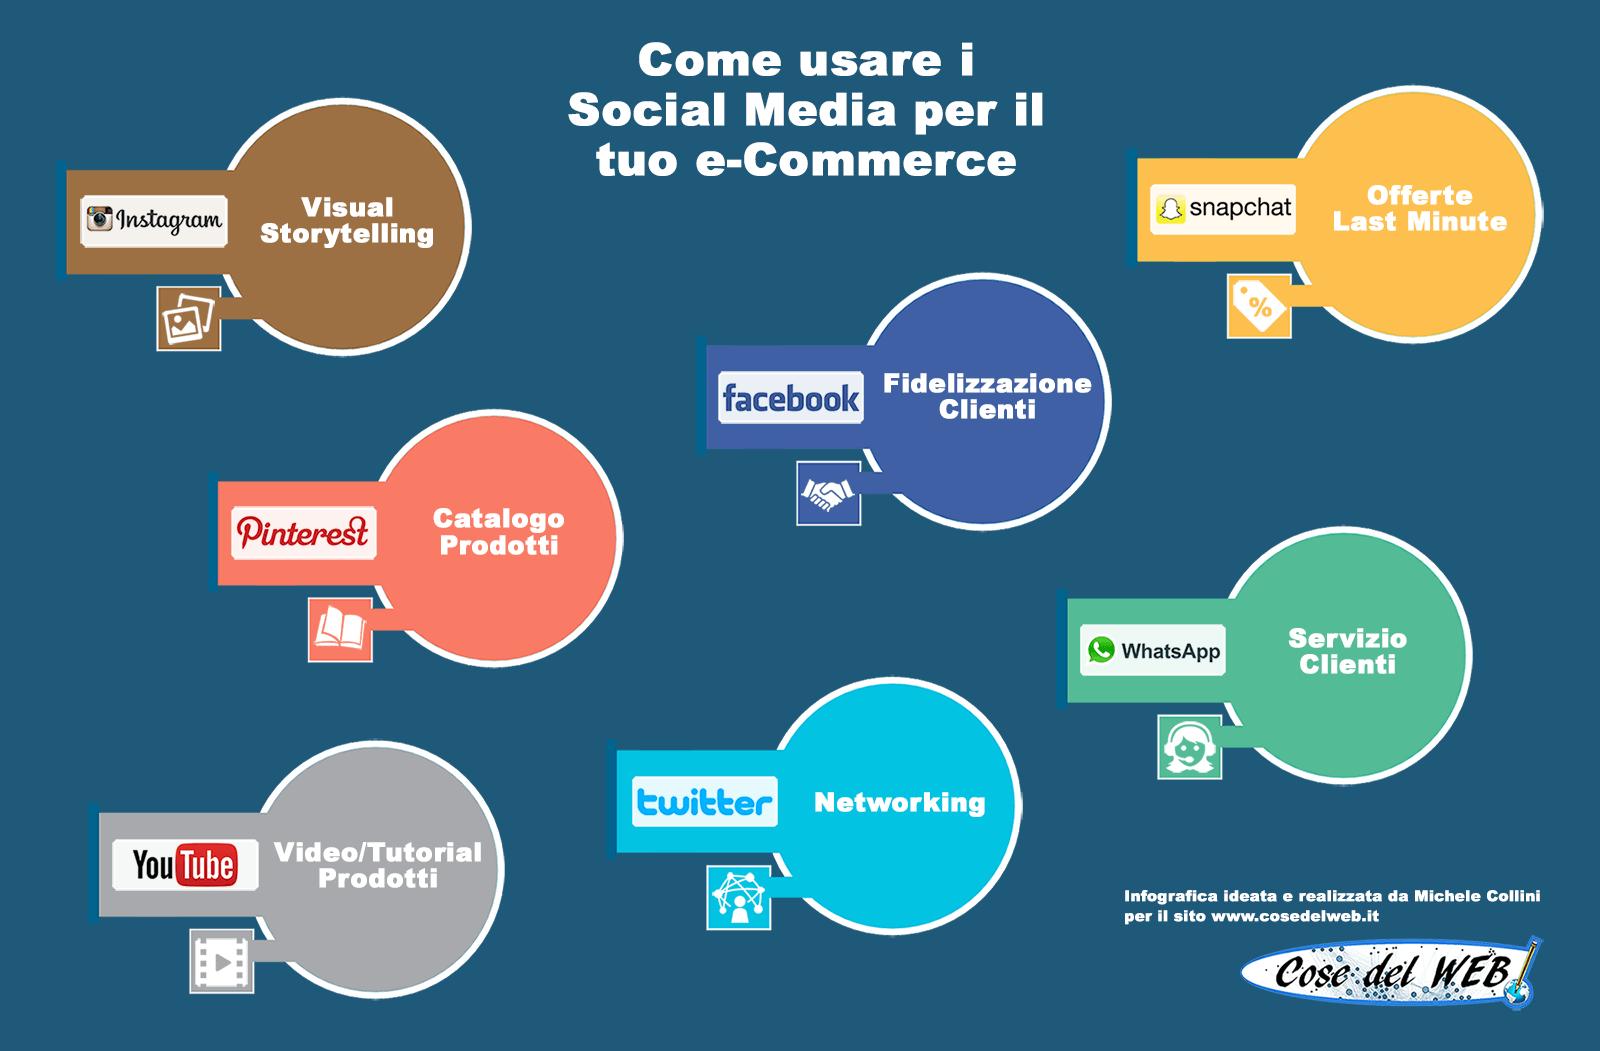 Infografica su come usare i Social Media per il tuo e-Commerce #webmarketing #social #ecommerce - http://www.cosedelweb.it/infografica-social-media-per-e-commerce/